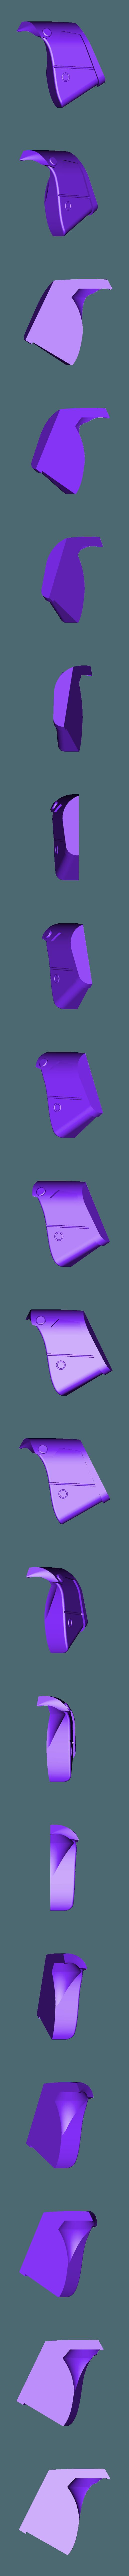 Shoulder_Rest_R.stl Download free STL file Borderlands Bandit Room Clener Shotgun • 3D printer object, Dsk